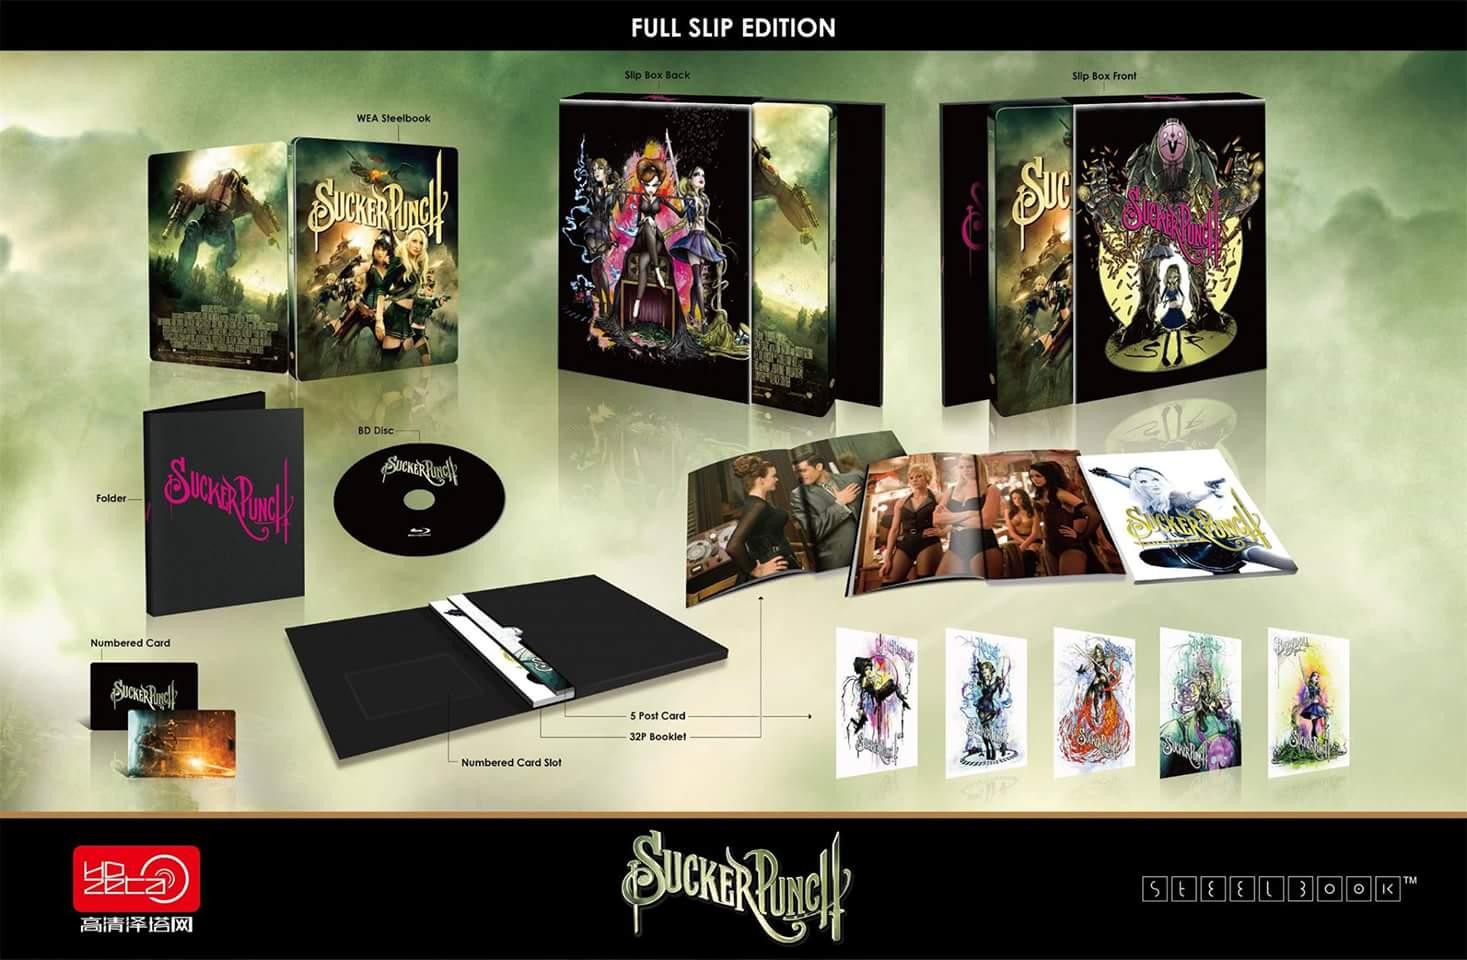 Sucker Punch HDzeta steelbook 3